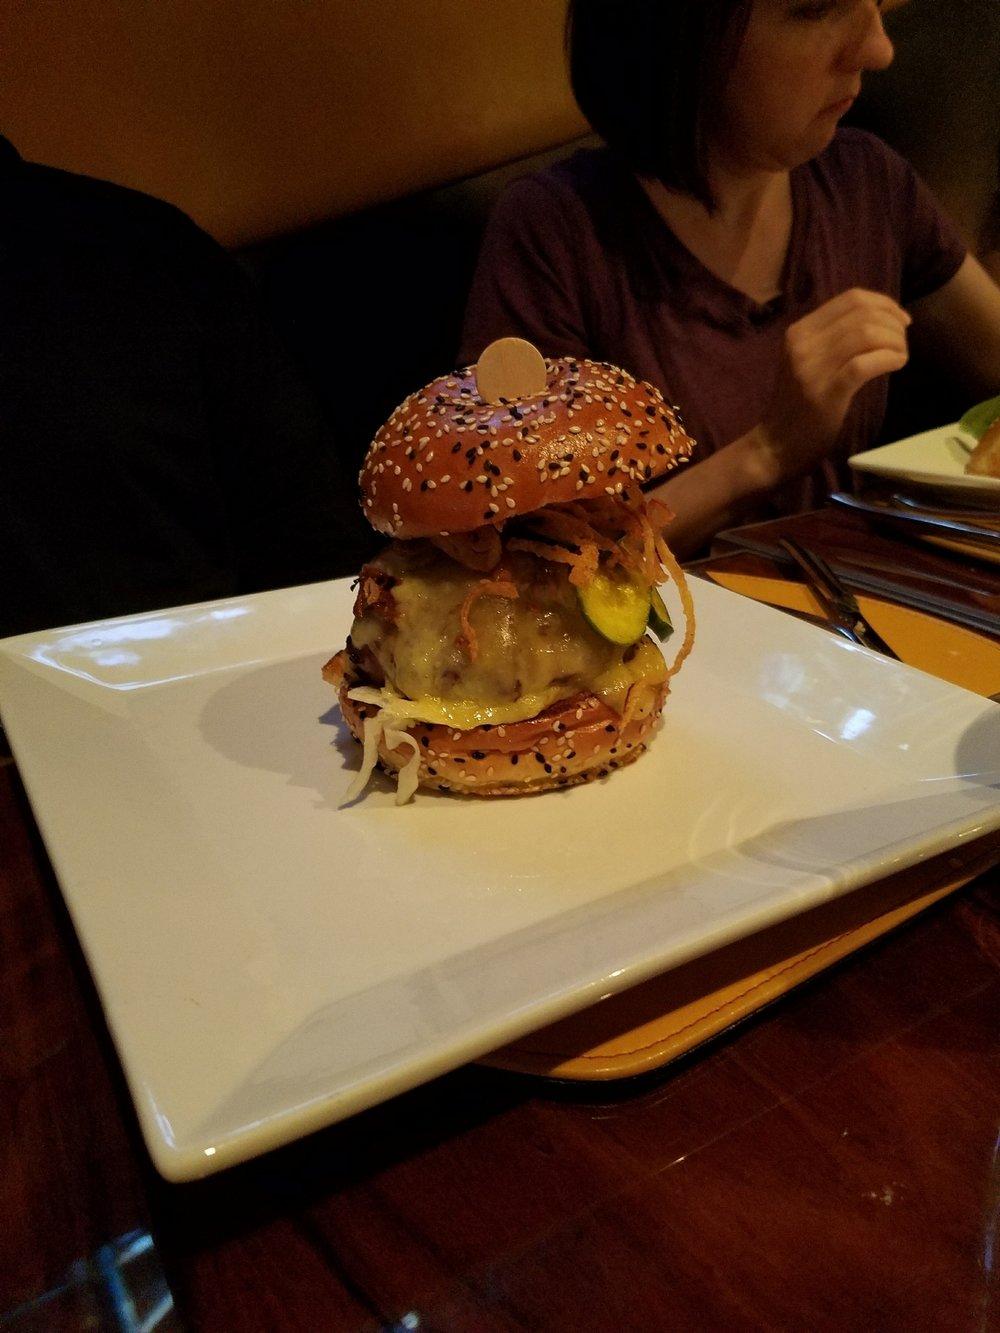 Delicious and Huge burger at Gordon Ramsay Burger